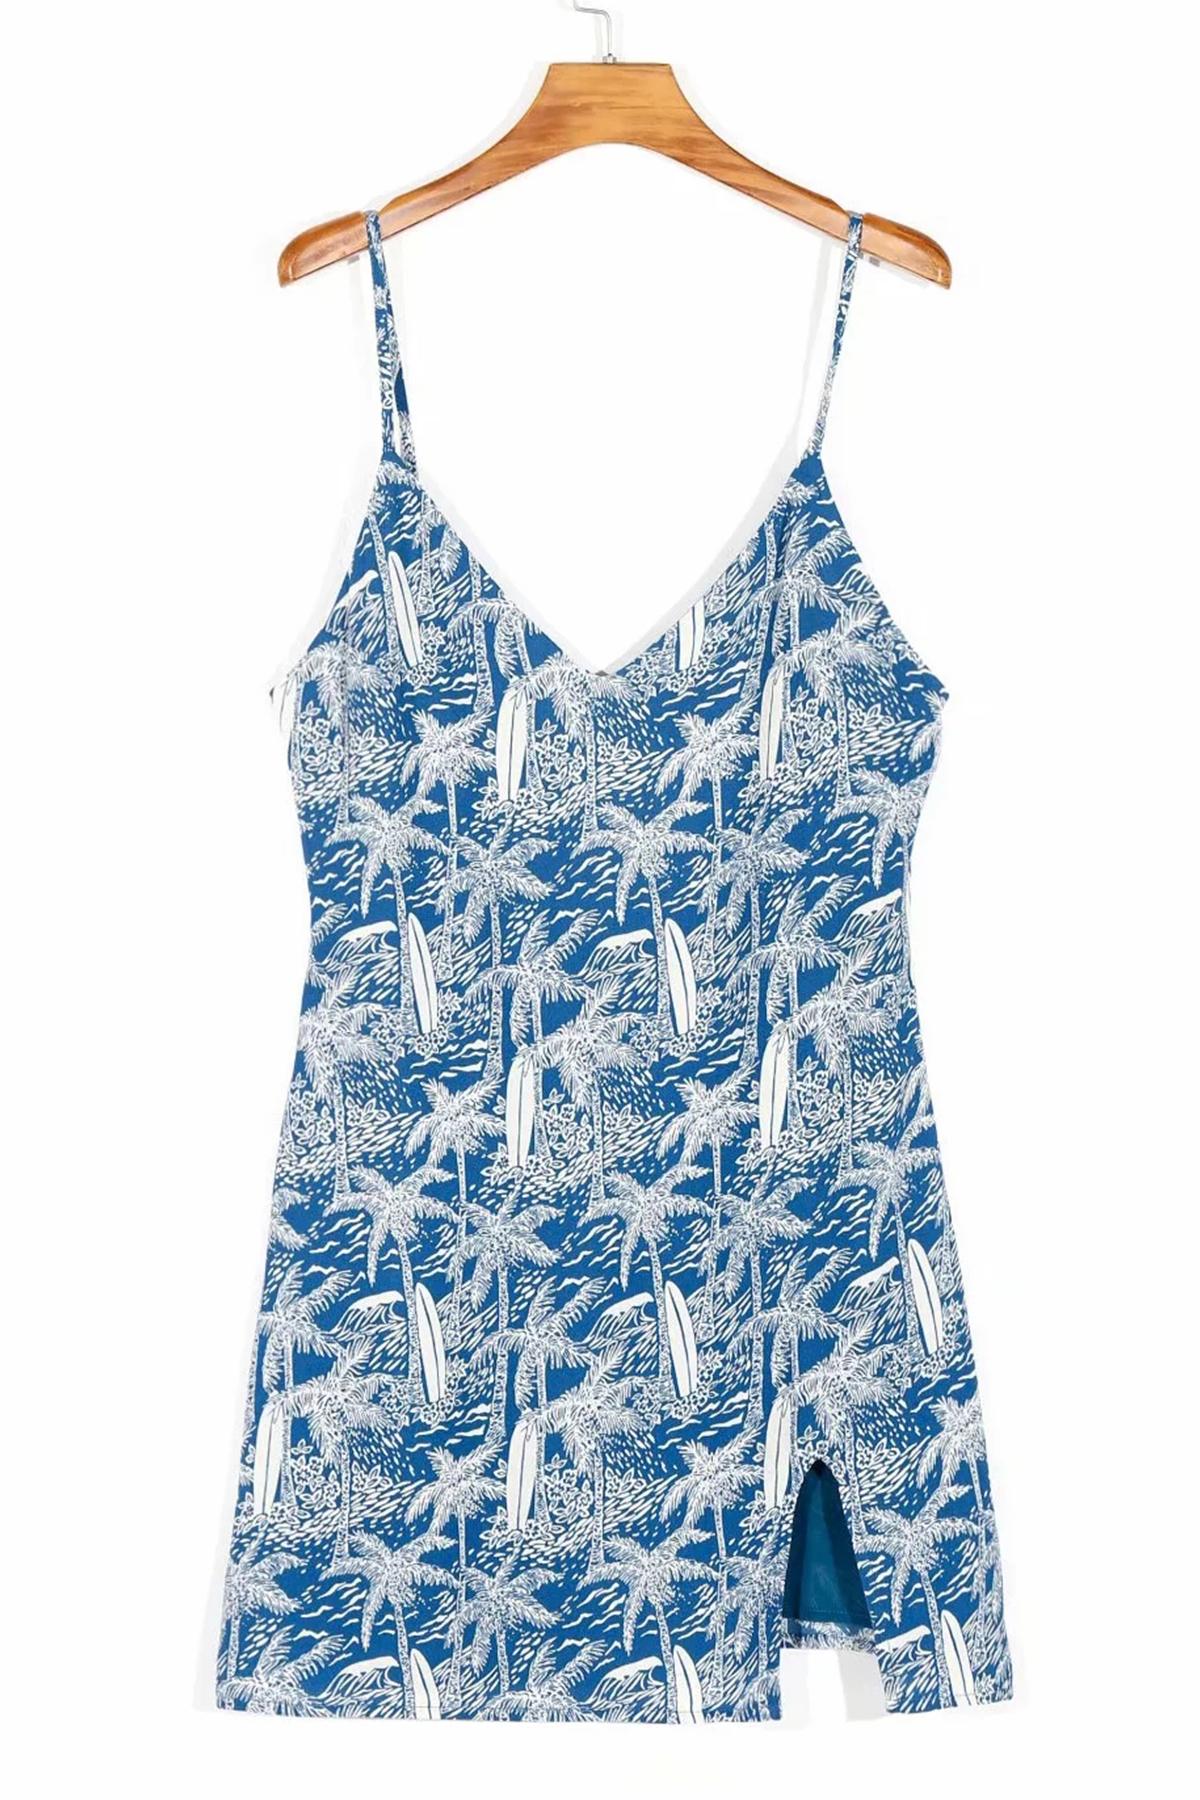 THE MOODSS Brogan Mini Dress-1